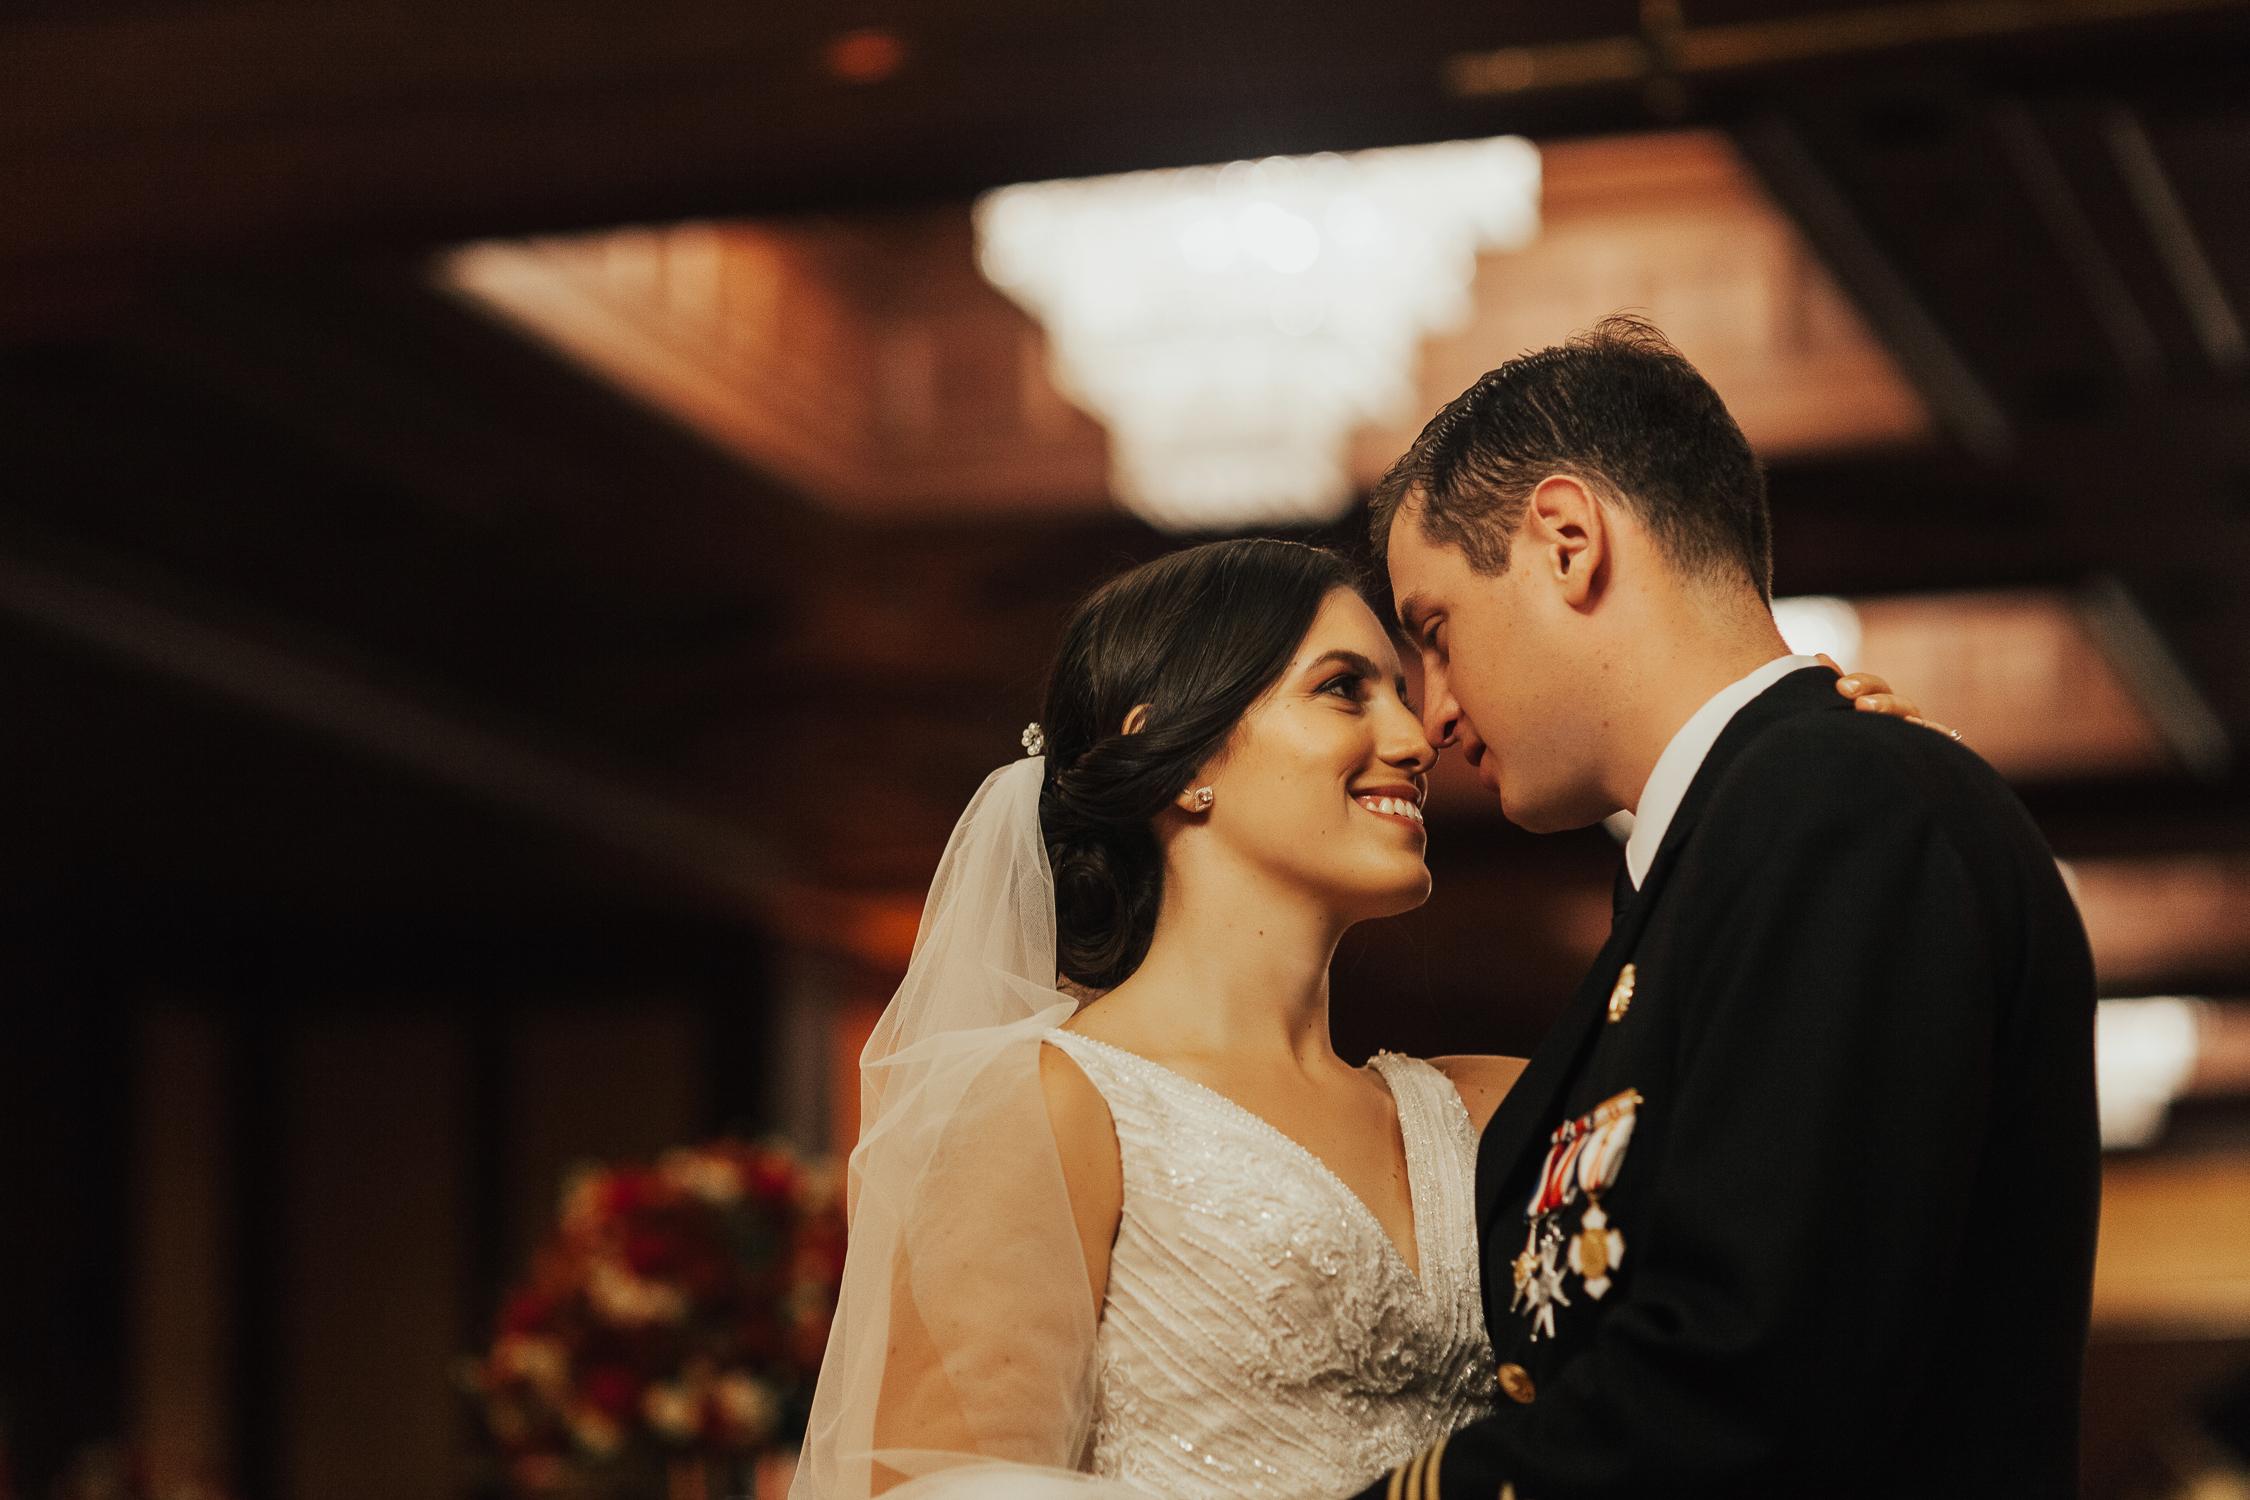 Michelle-Agurto-Fotografia-Bodas-Ecuador-Destination-Wedding-Photographer-Ecuador-Mercedes-Alvaro-142.JPG